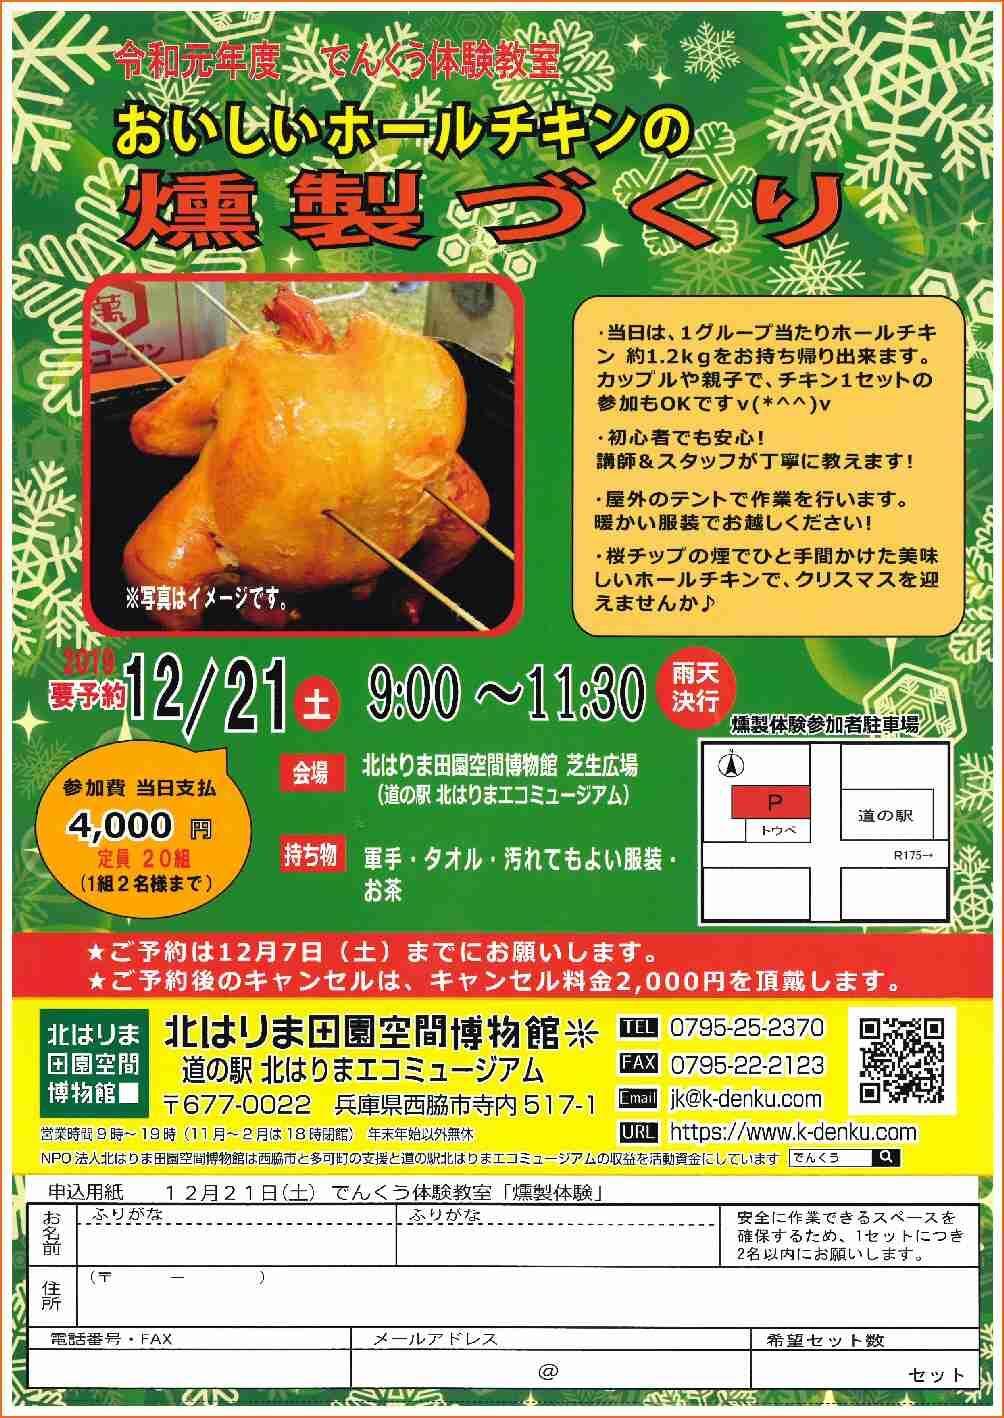 12/21 体験教室「ホールチキンの燻製づくり」:でんくう芝生広場